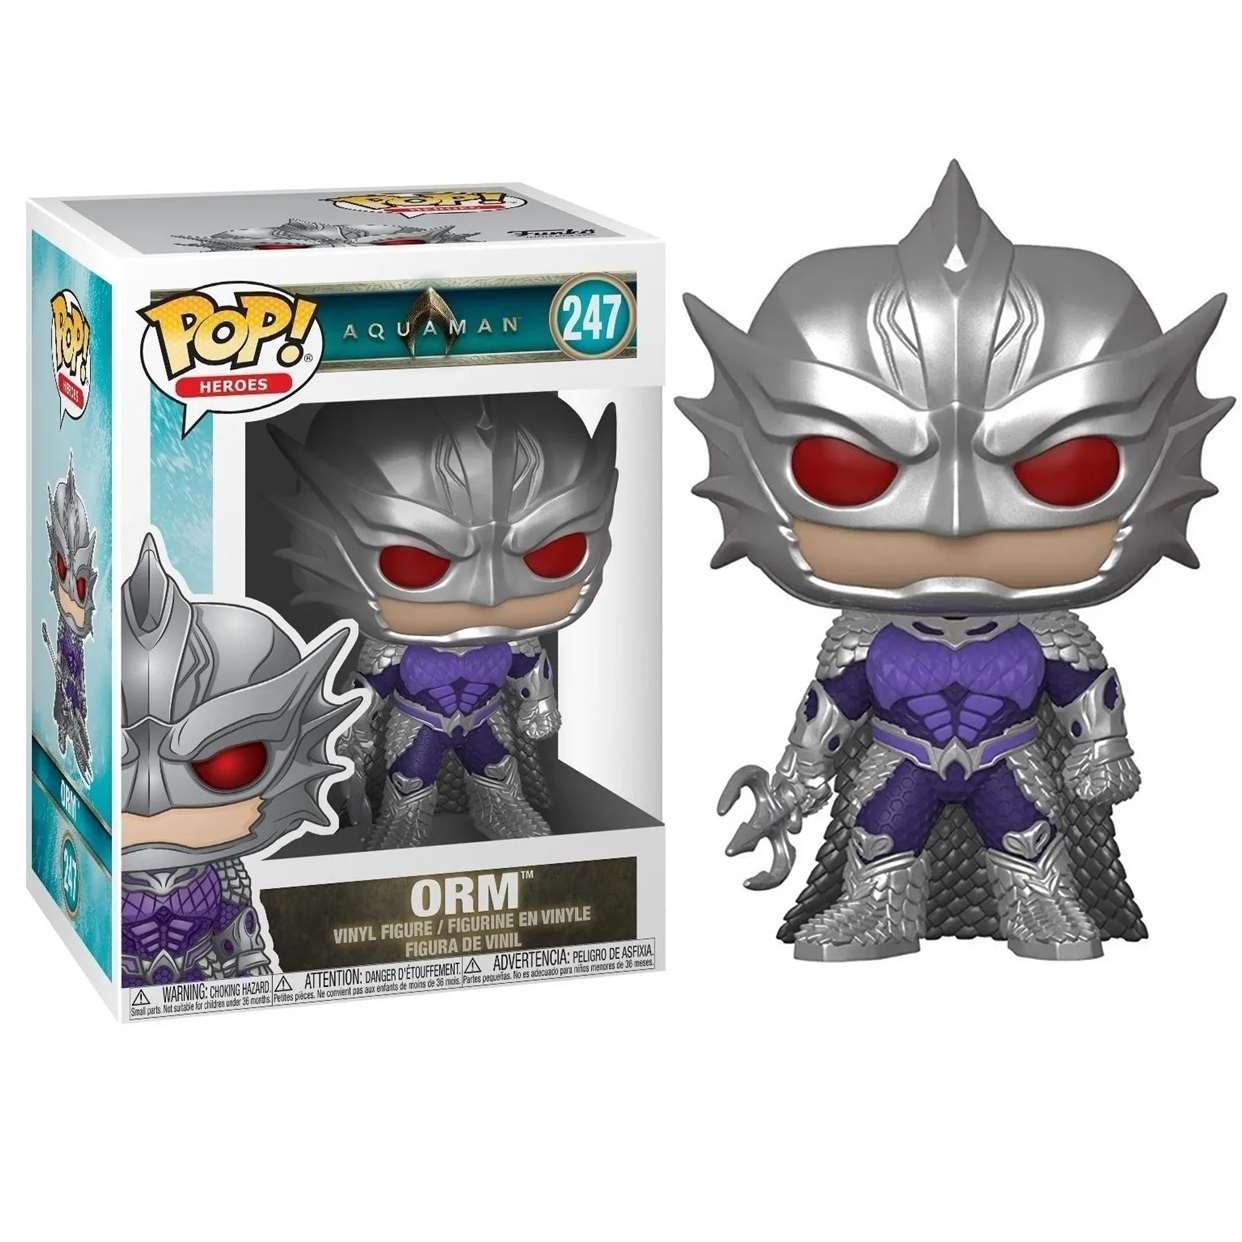 King Orm #247 Figura Marvel Aquaman La Pelicula Funko Pop!